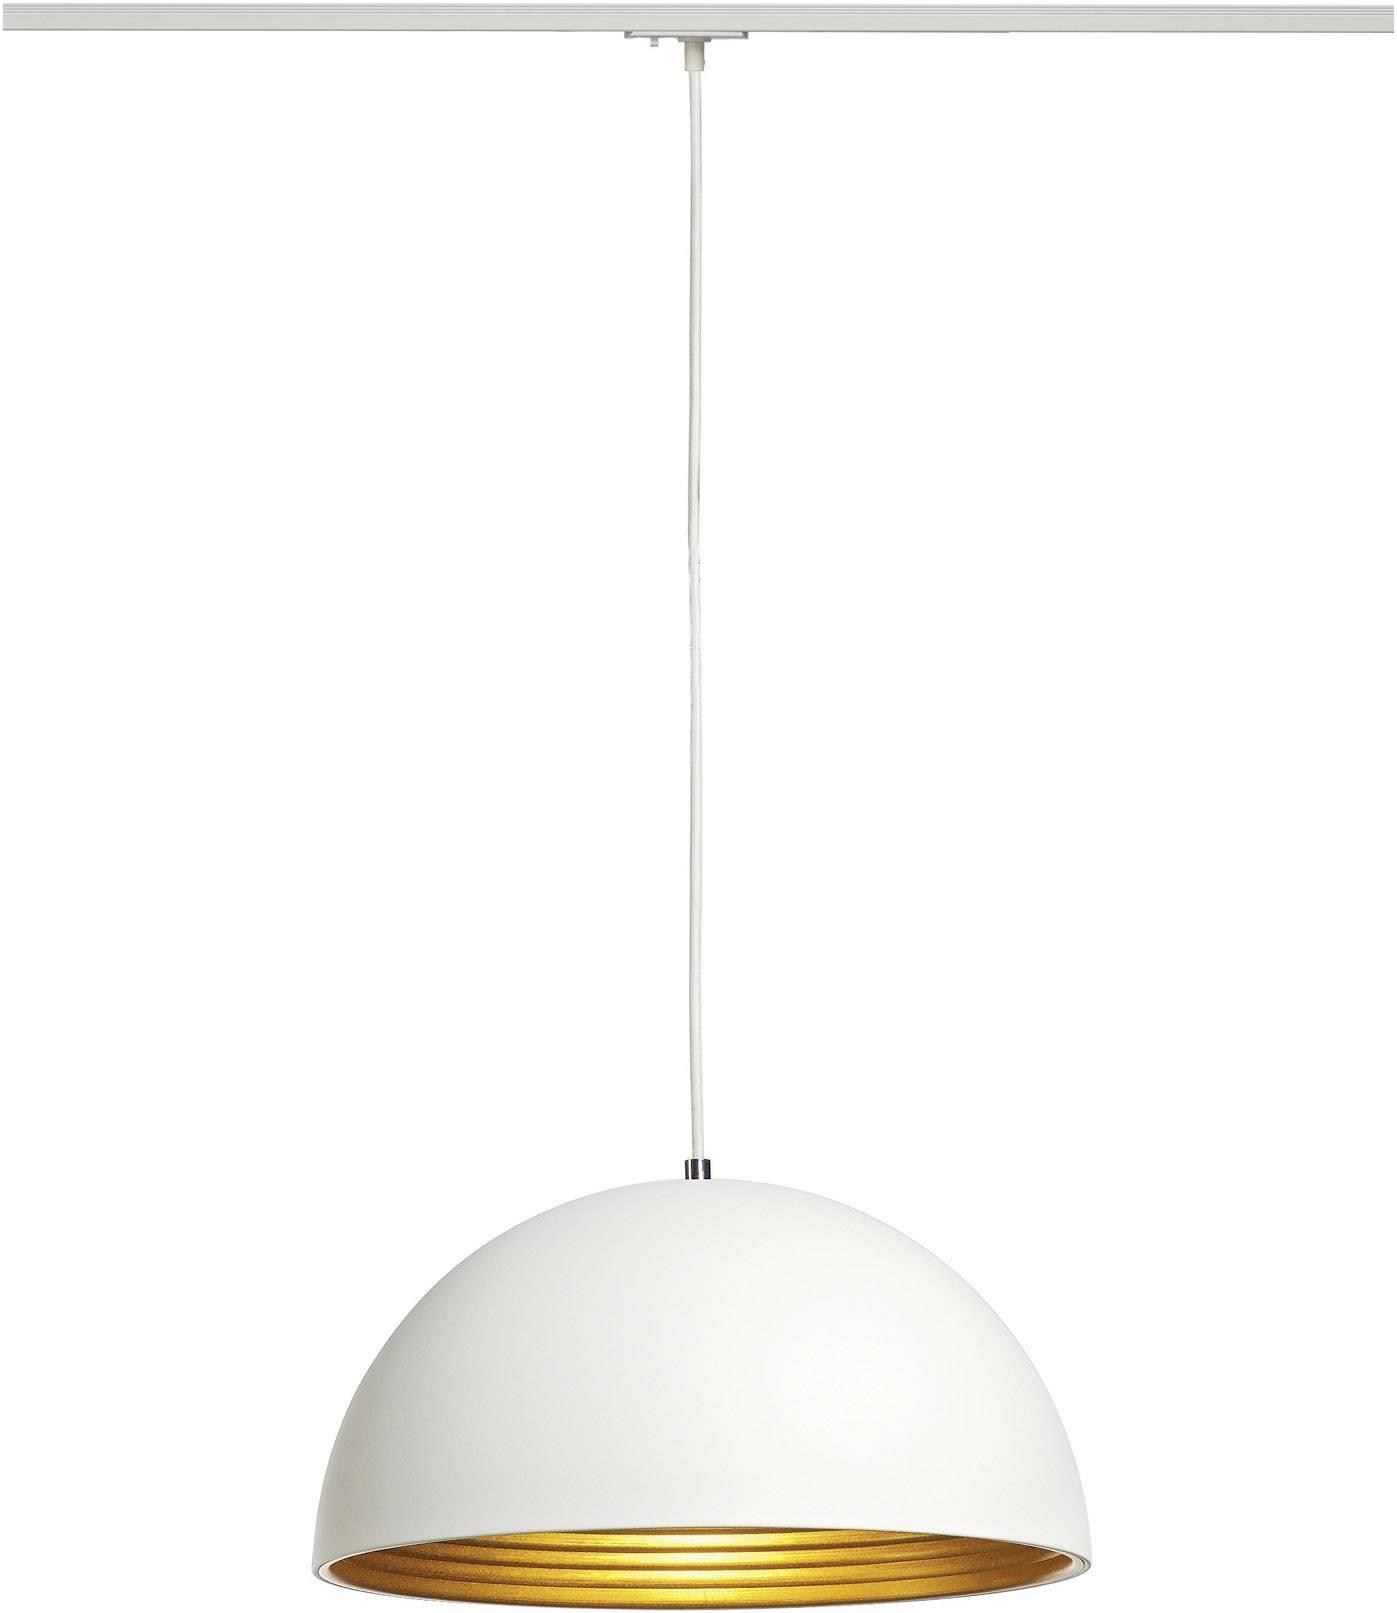 Závěsné světlo úsporná žárovka, LED SLV Forchini M 143931, E27, 40 W, bílá, zlatá